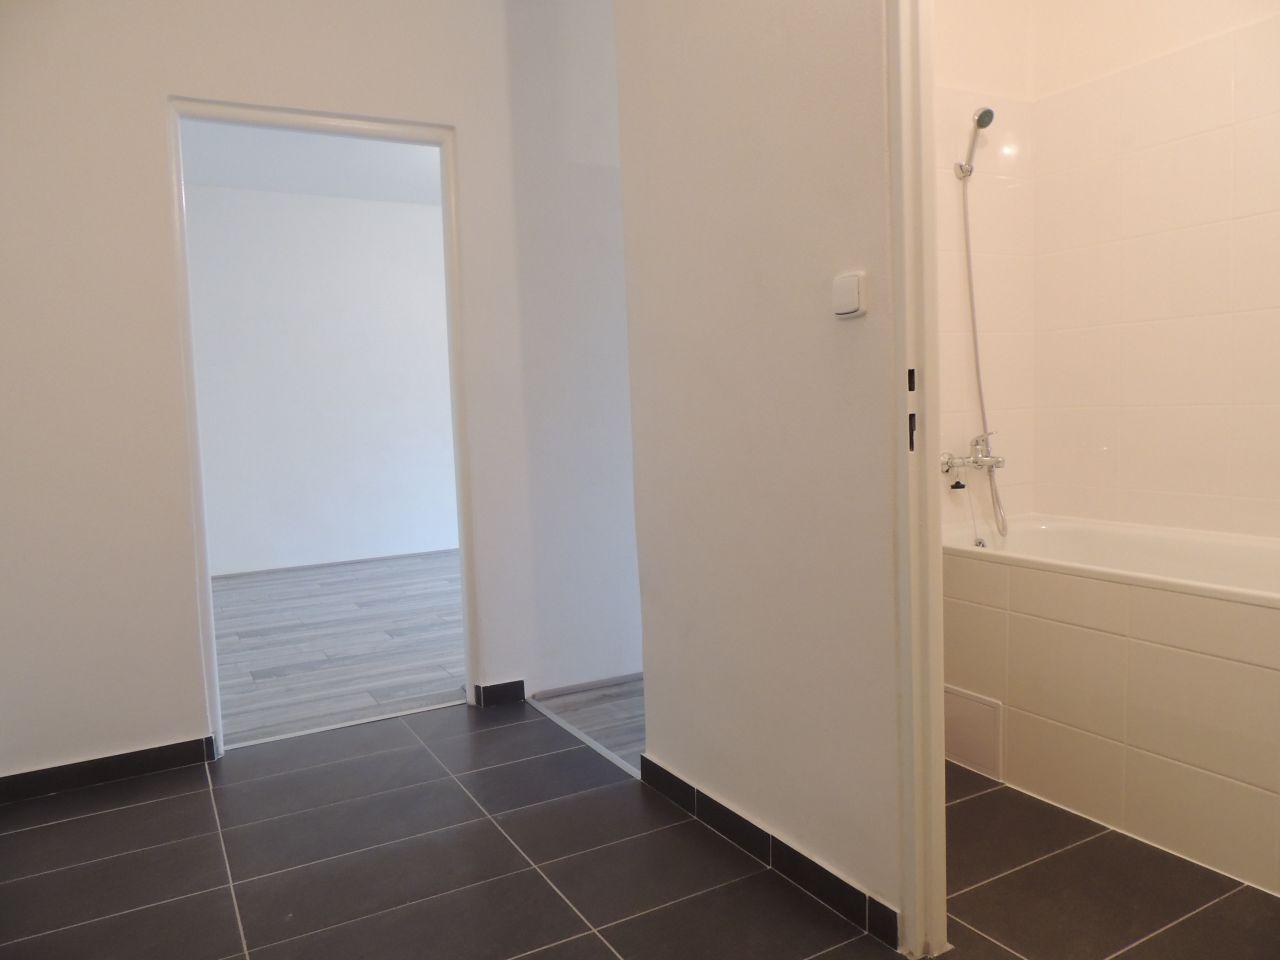 Pronájem bytu 1+1 35 m2, ul. 29. dubna 256/27, Ostrava - Výškovice